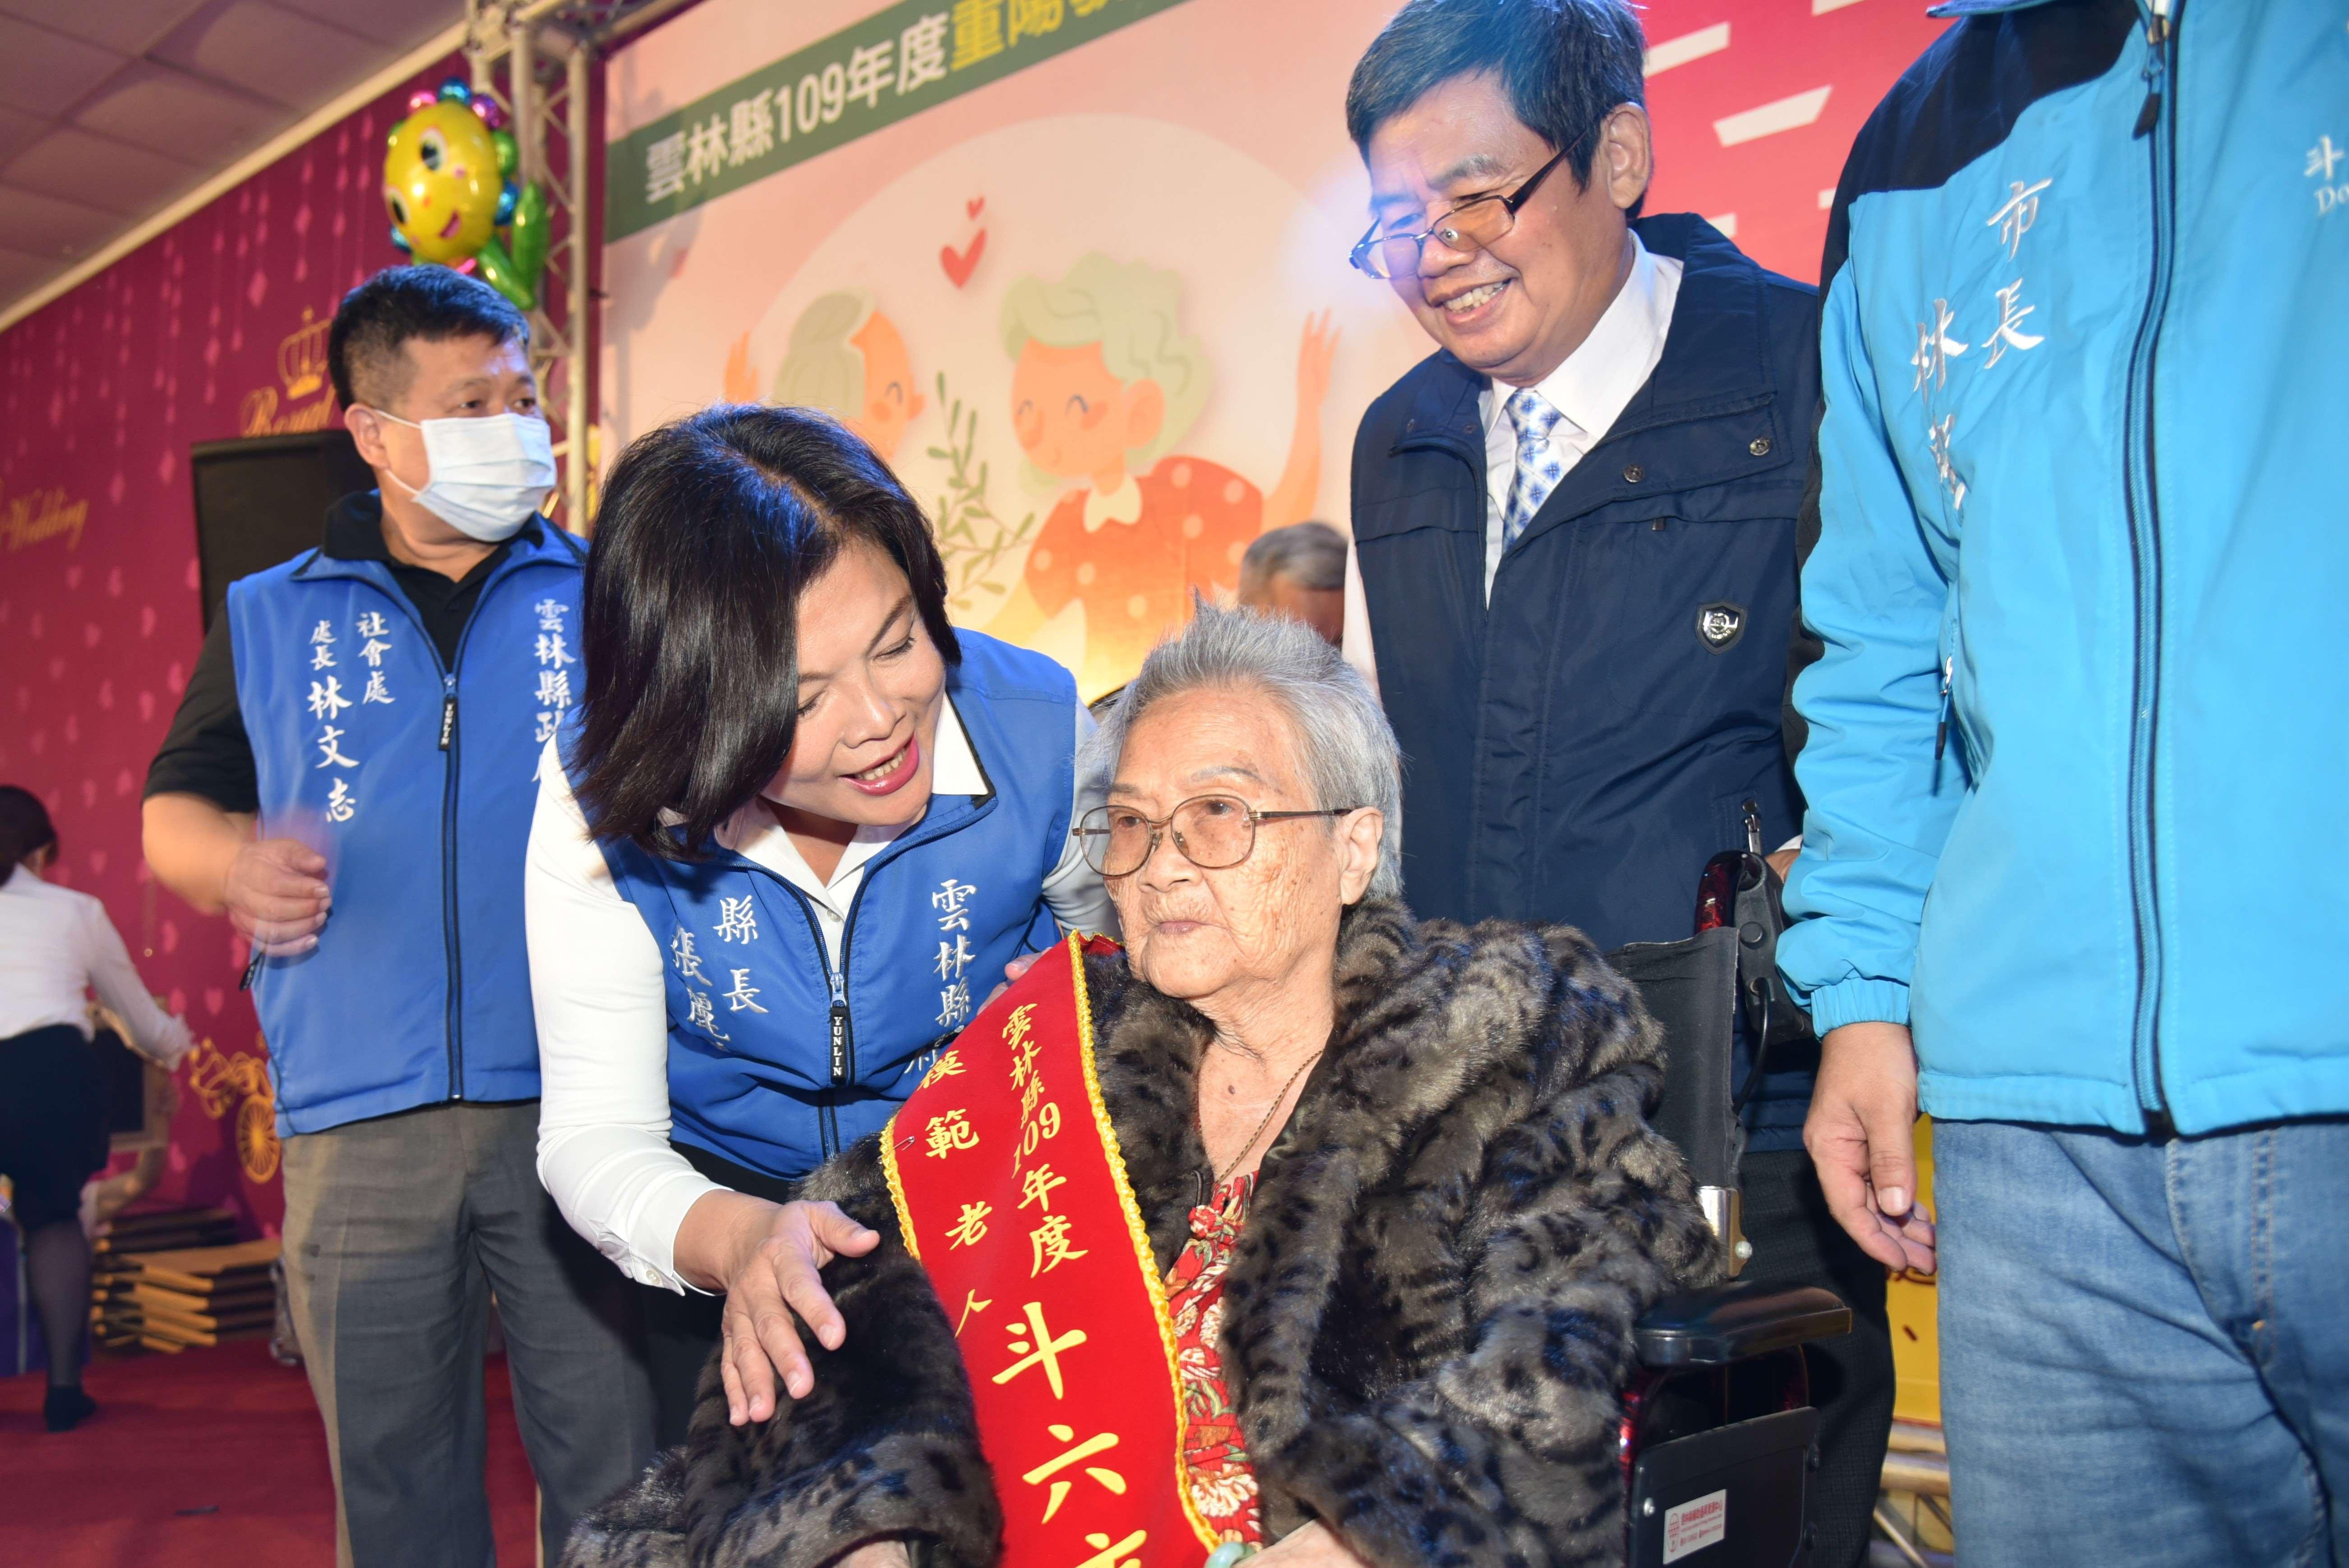 雲林縣109年重陽敬老 縣長張麗善祝福所有長輩身體健康、呷百二!